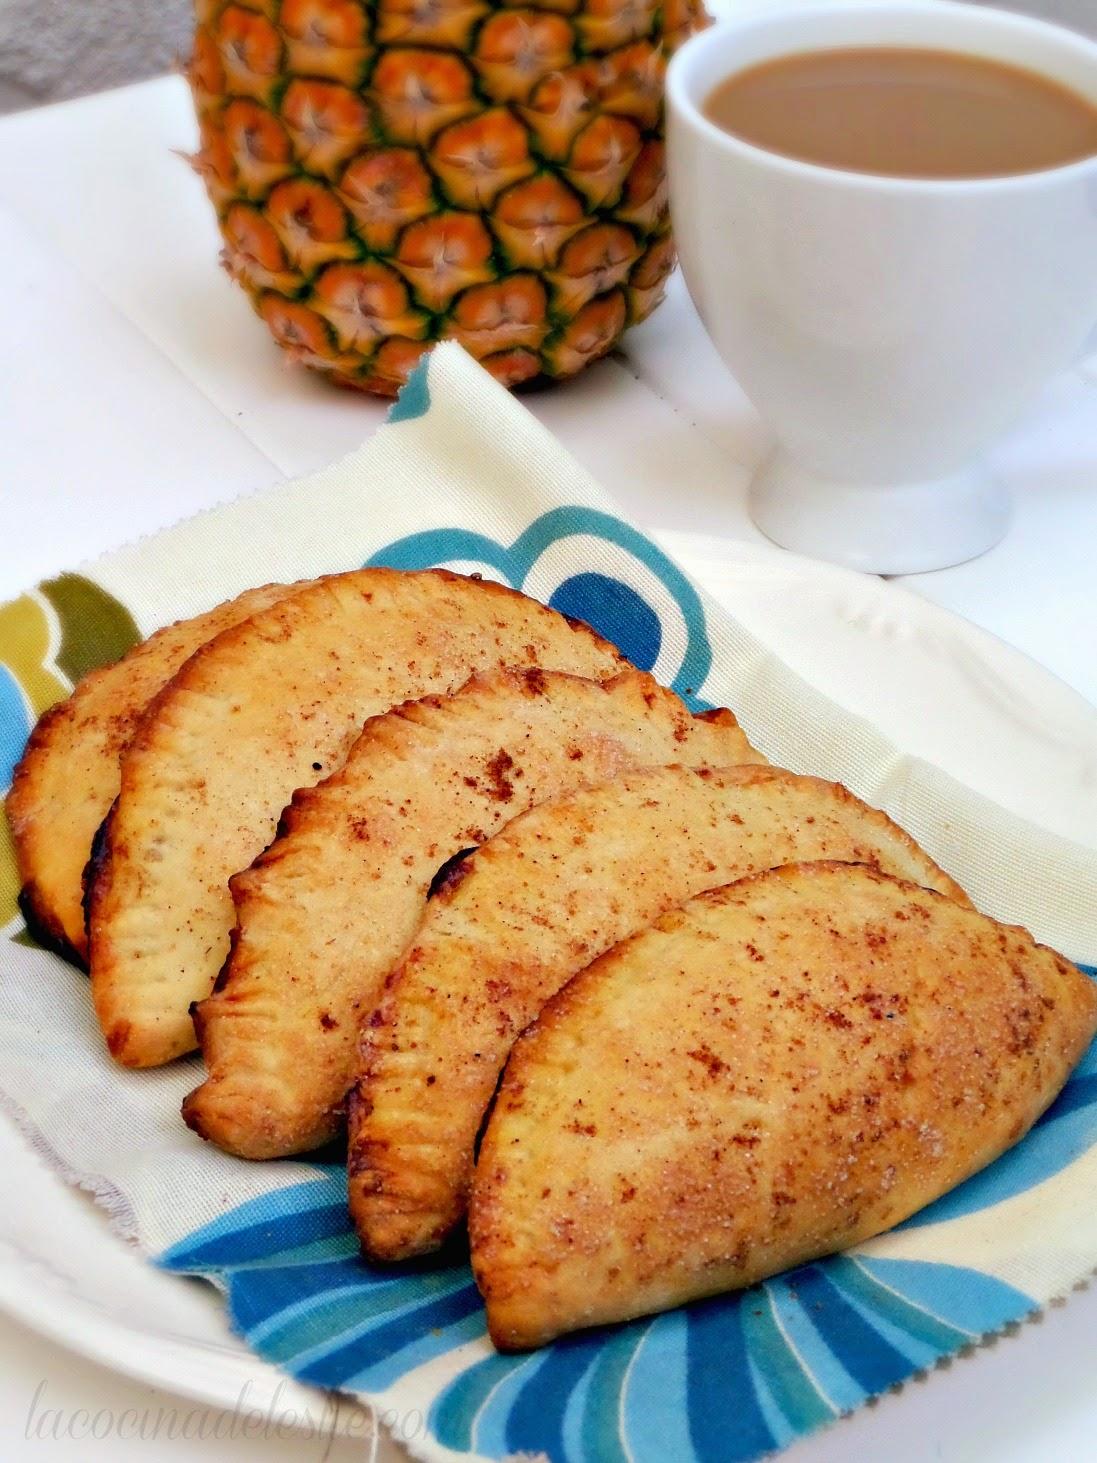 Homemade Pineapple Empanadas - lacocinadeleslie.com